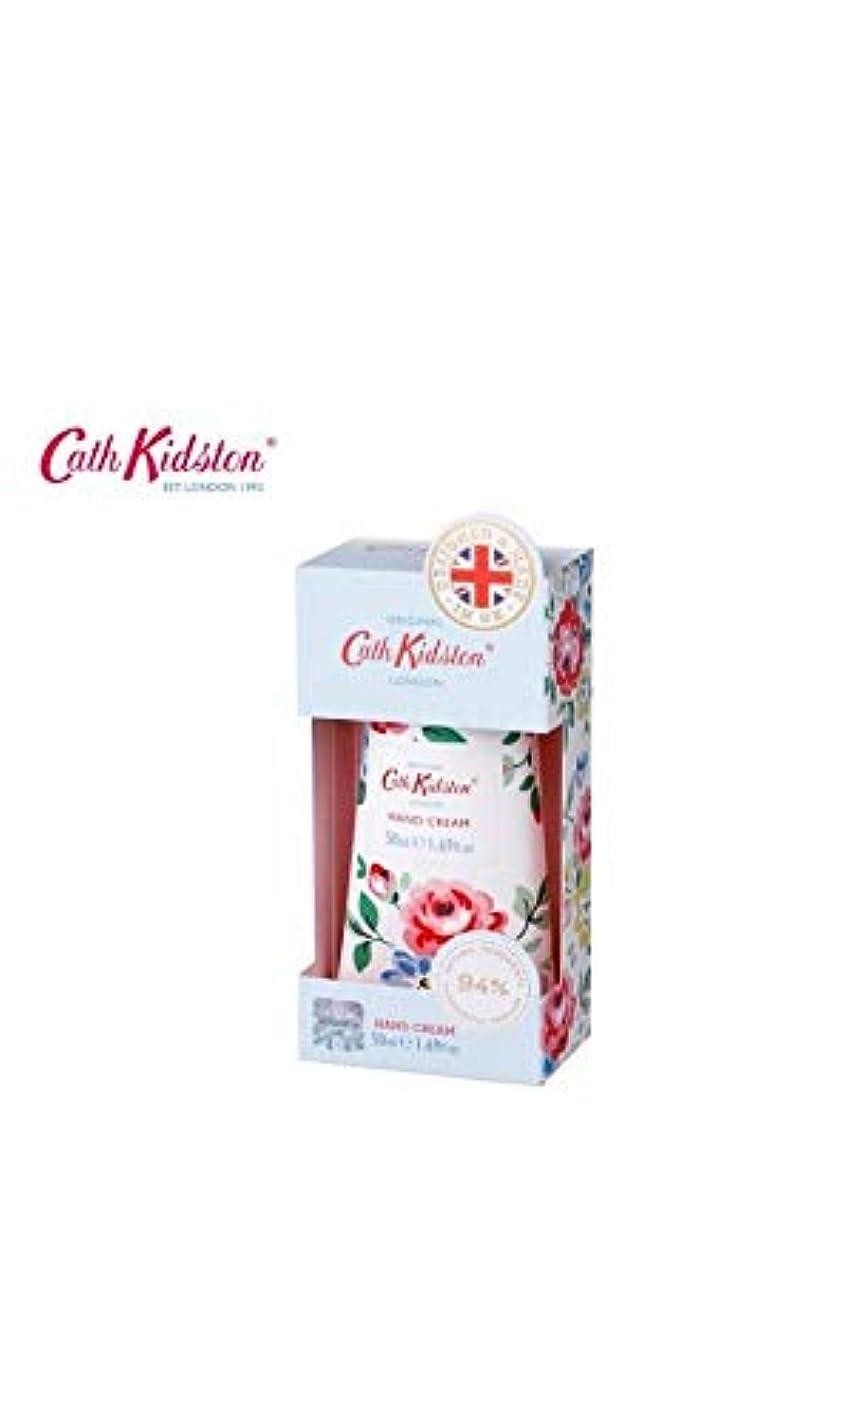 レンジ呼ぶ永遠のキャスキッドソン(Cath Kidston)☆ハンドクリーム50mlワイルドローズ&クインス(Wildrose&Quince)[並行輸入品]